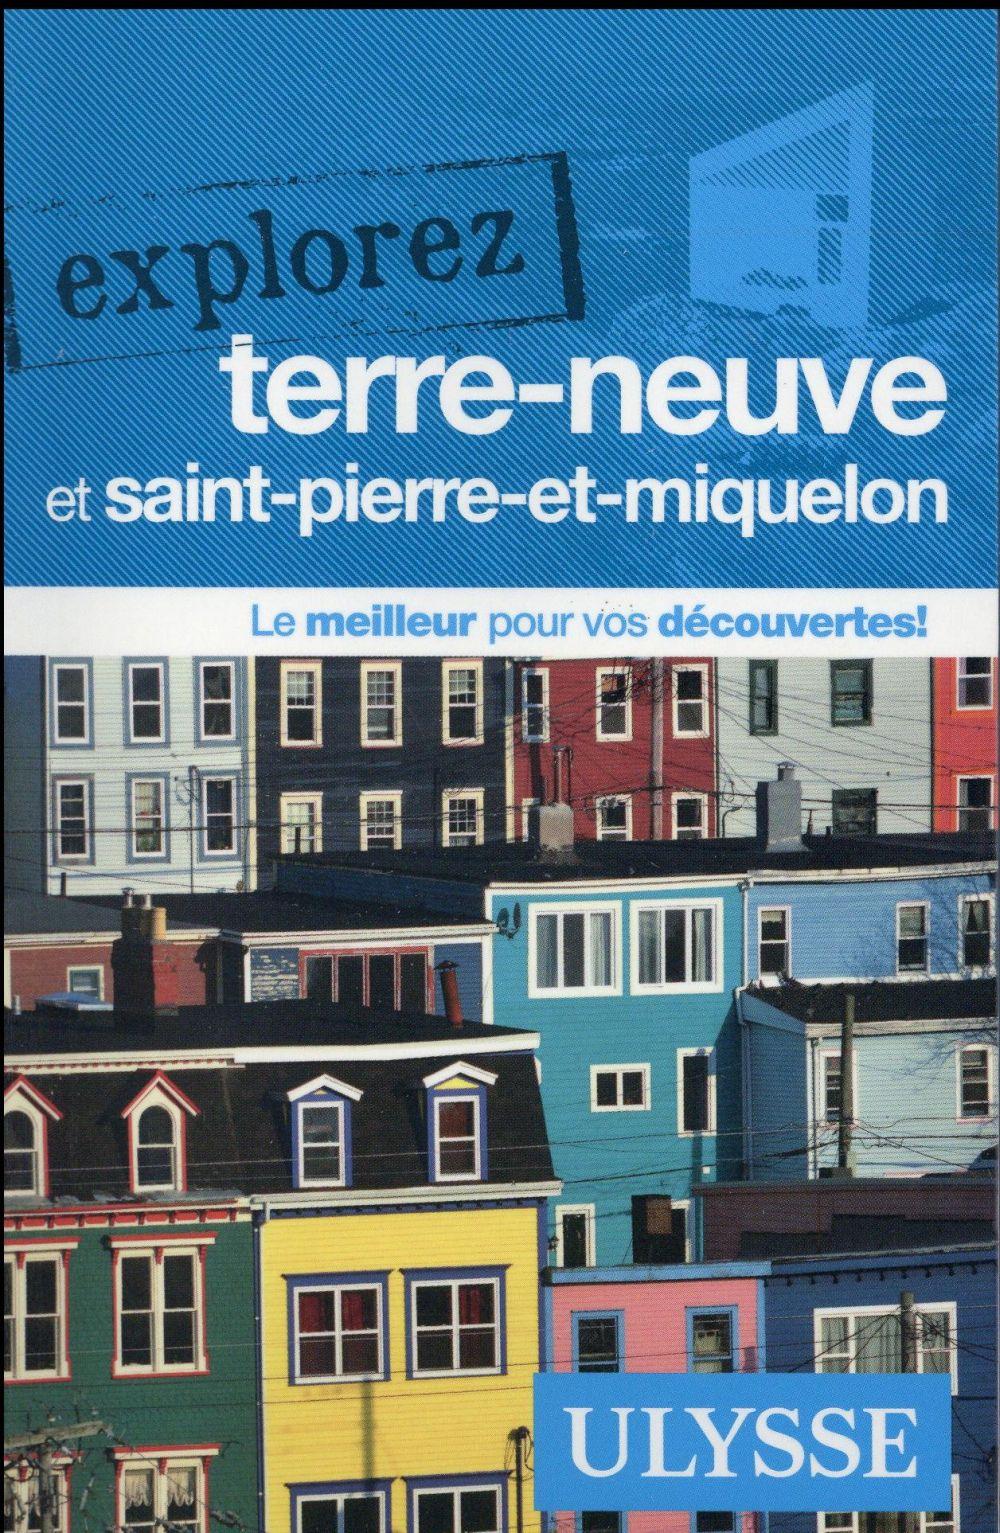 EXPLOREZ ; explorez Terre-Neuve et Saint-Pierre-et-Miquelon